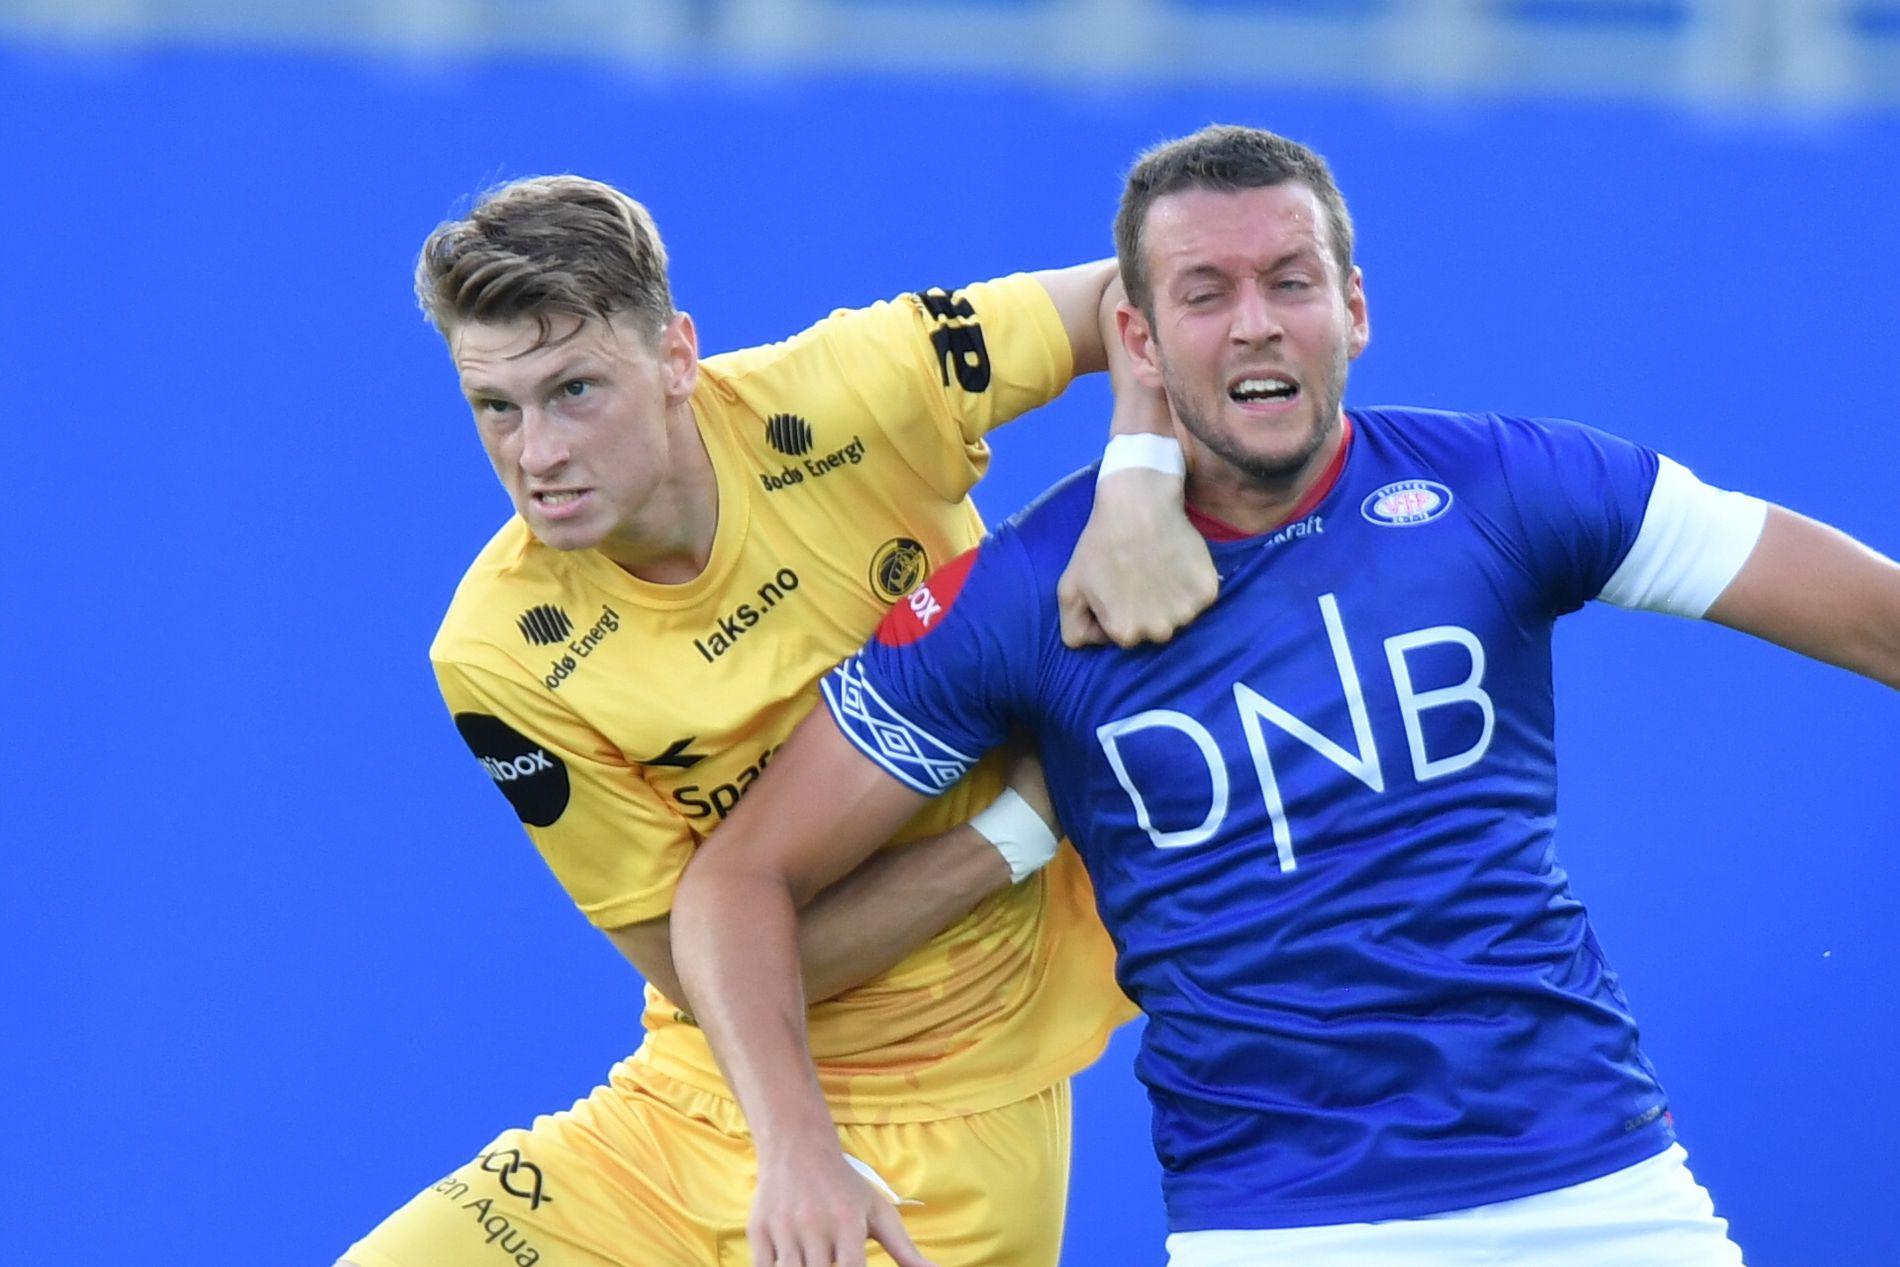 Opplysninger til VG: Serie A-klubb med bud på Glimt-stjerne